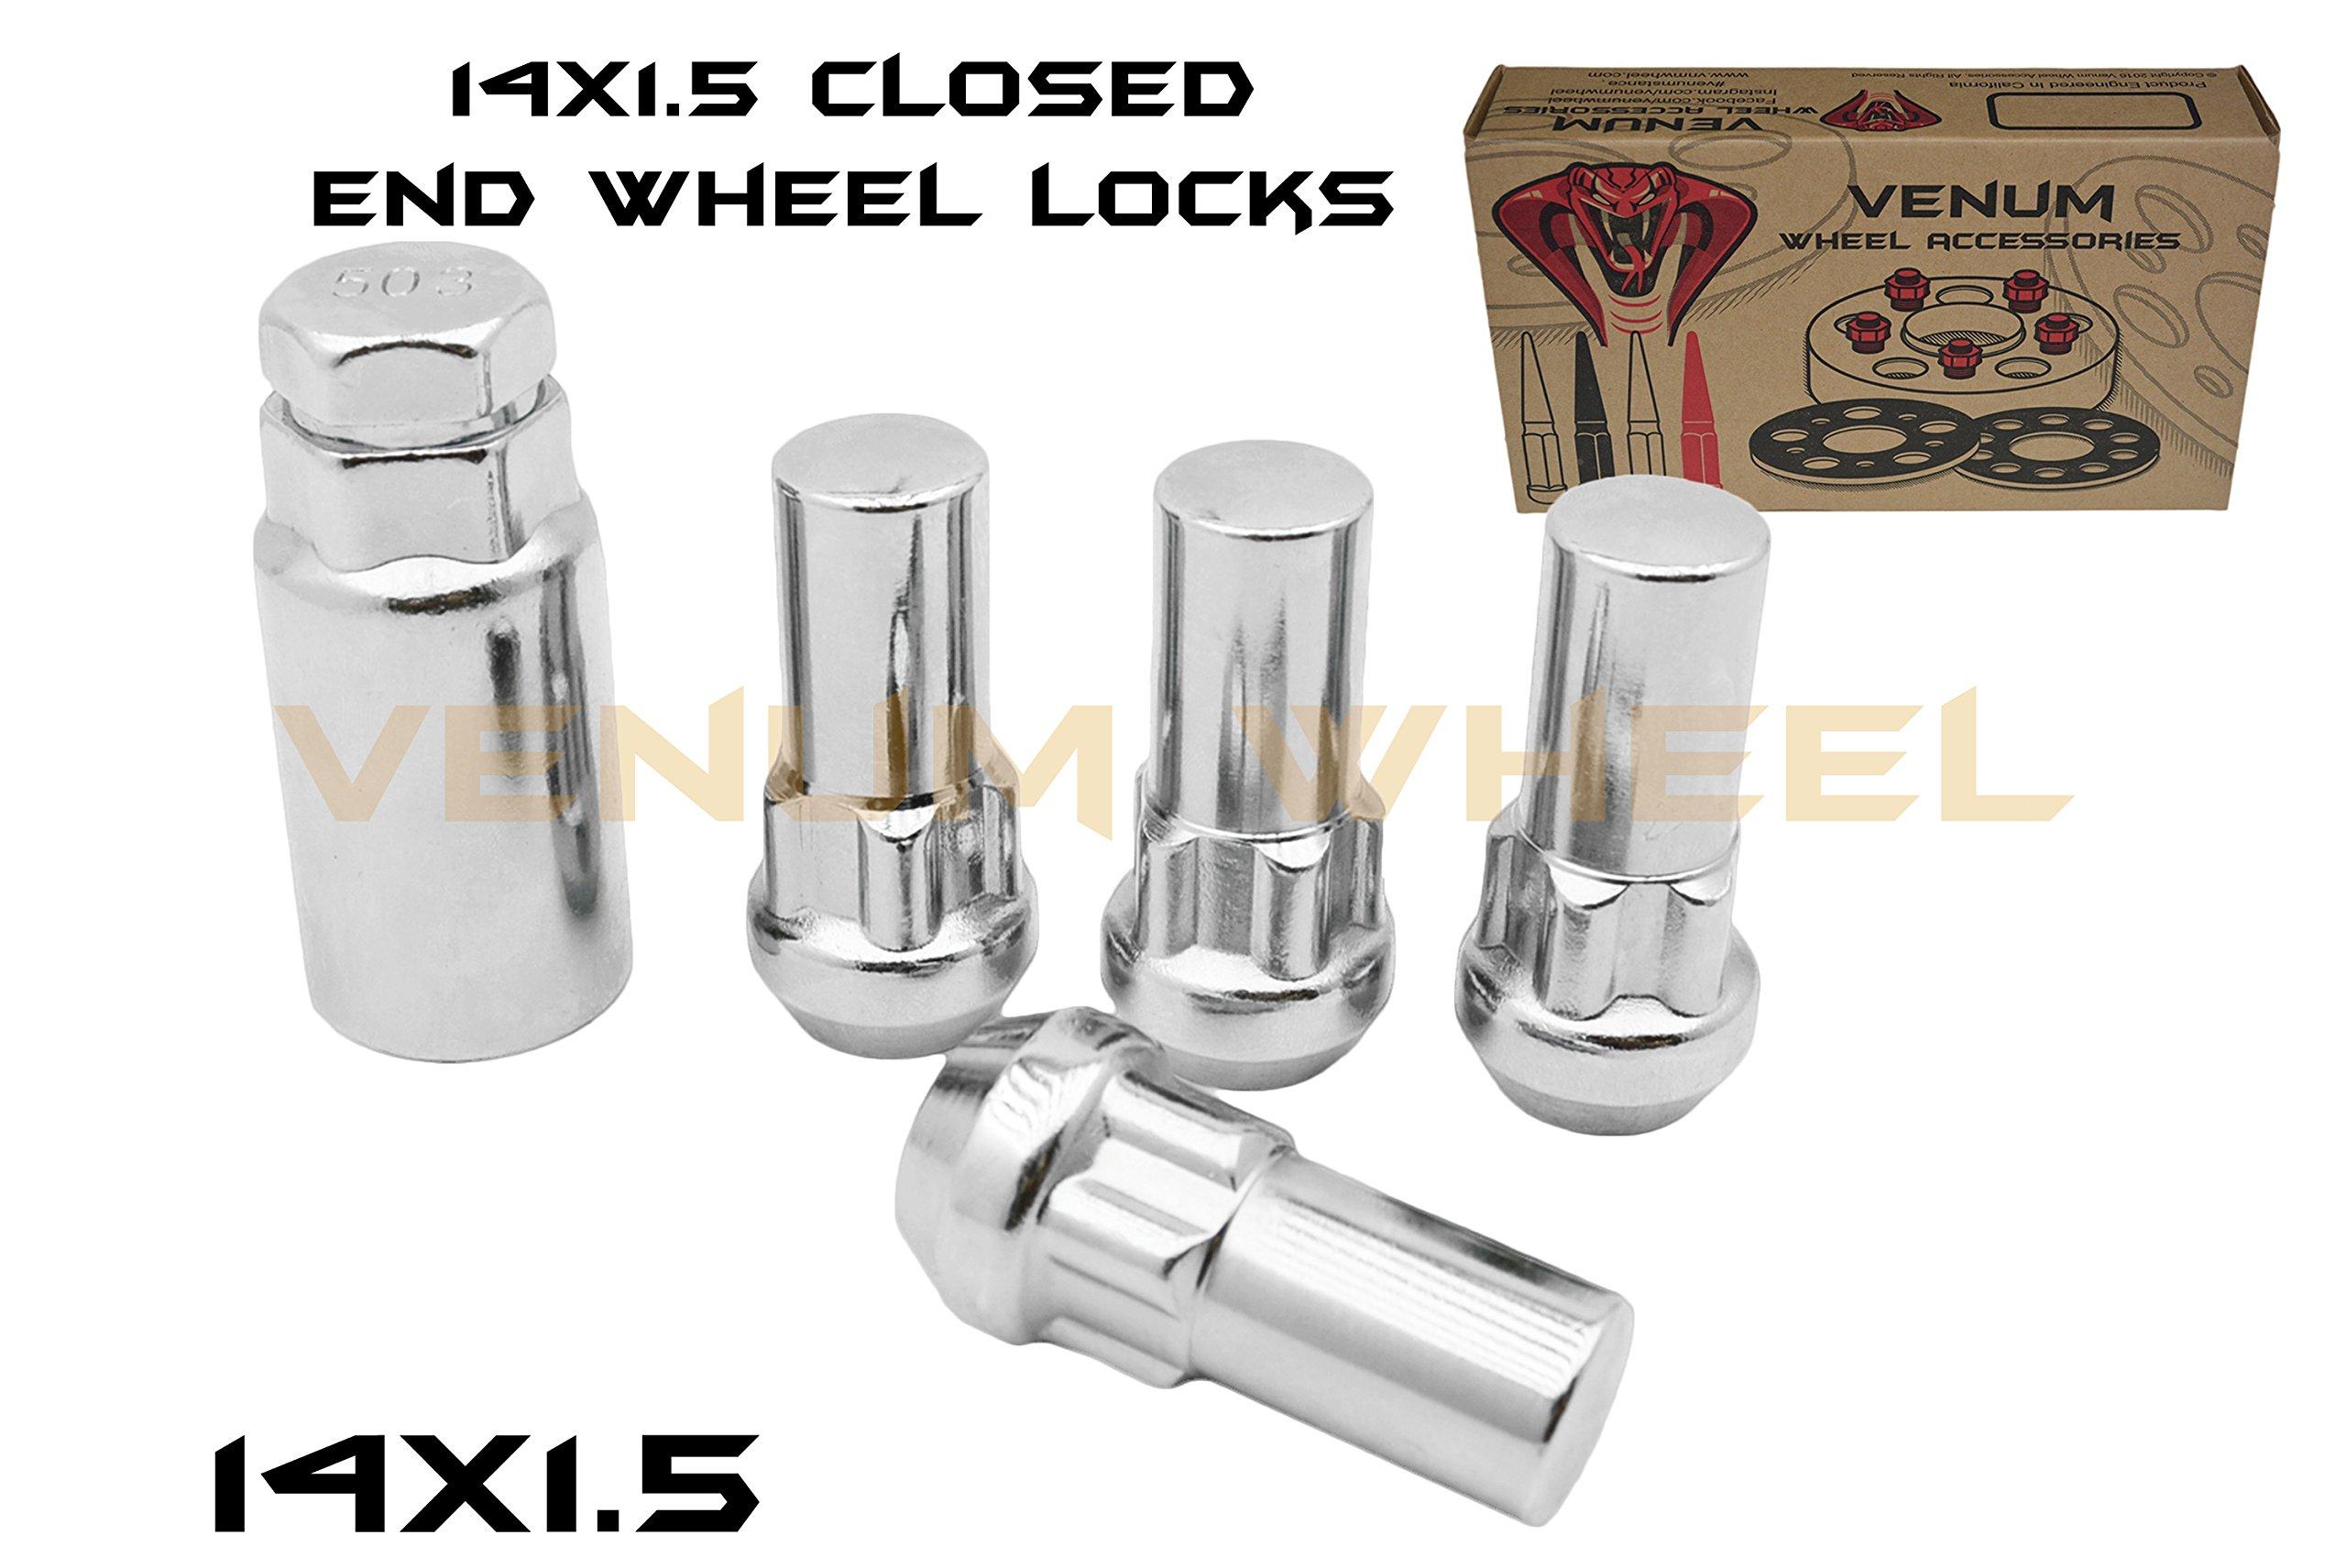 4pc Chrome Anti-Theft Wheel Locking locks M14x1.5 2'' Tall + 1 Key Fits Chevrolet Silverado 1500 2500 3500 Ford Raptor F-150 F-250 F-350 GMC Sierra Toyota Dodge RAM 1500 Jeep Grand Cherokee SRT